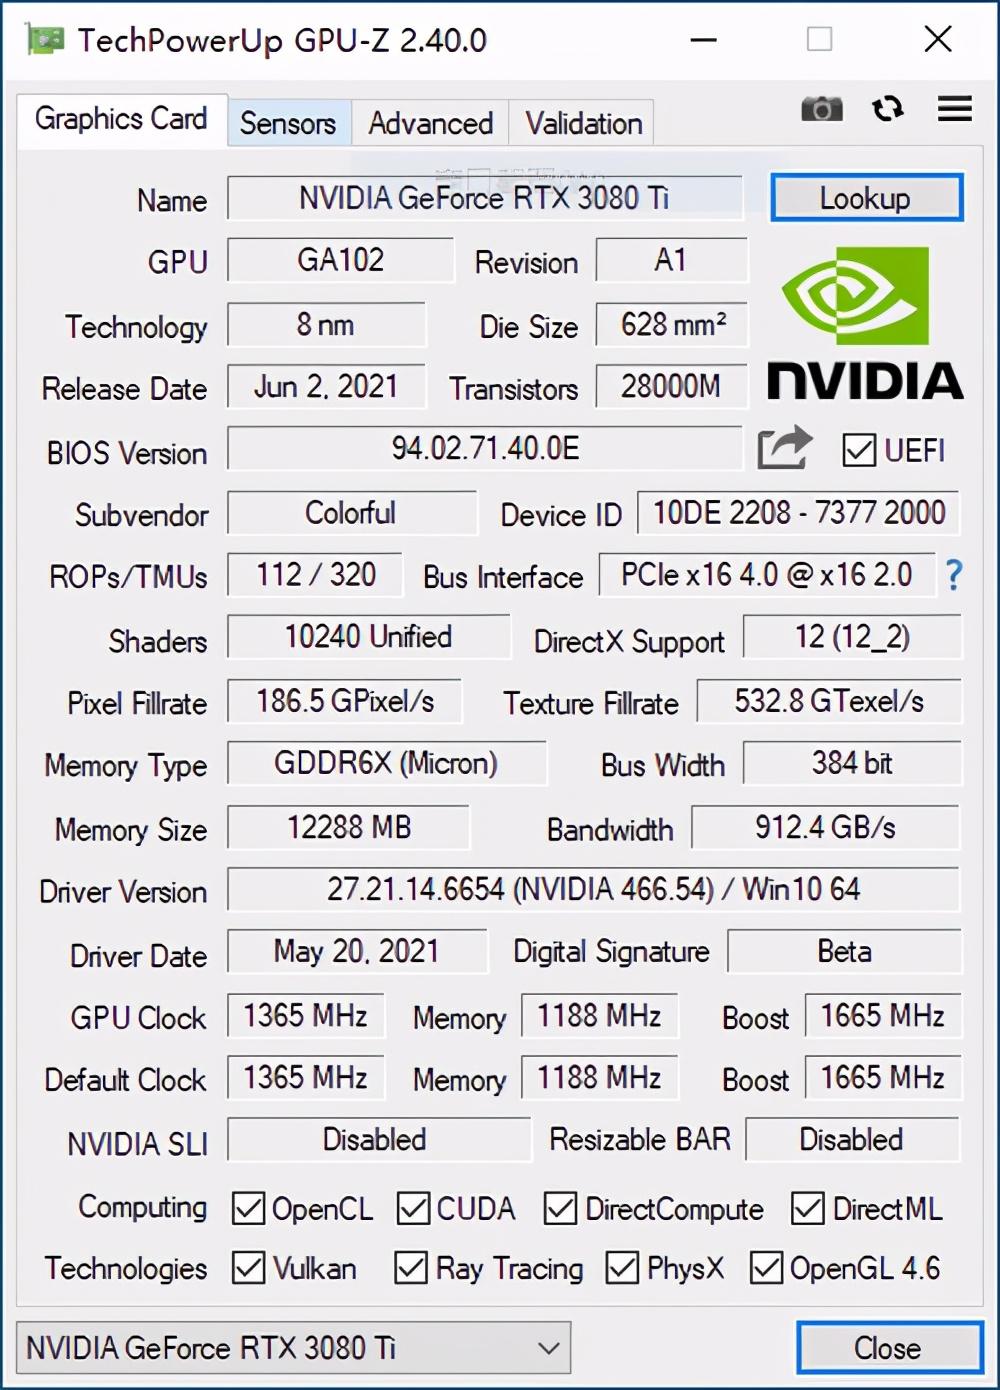 强力8K游戏显卡 七彩虹战斧RTX 3080 Ti游戏显卡评测